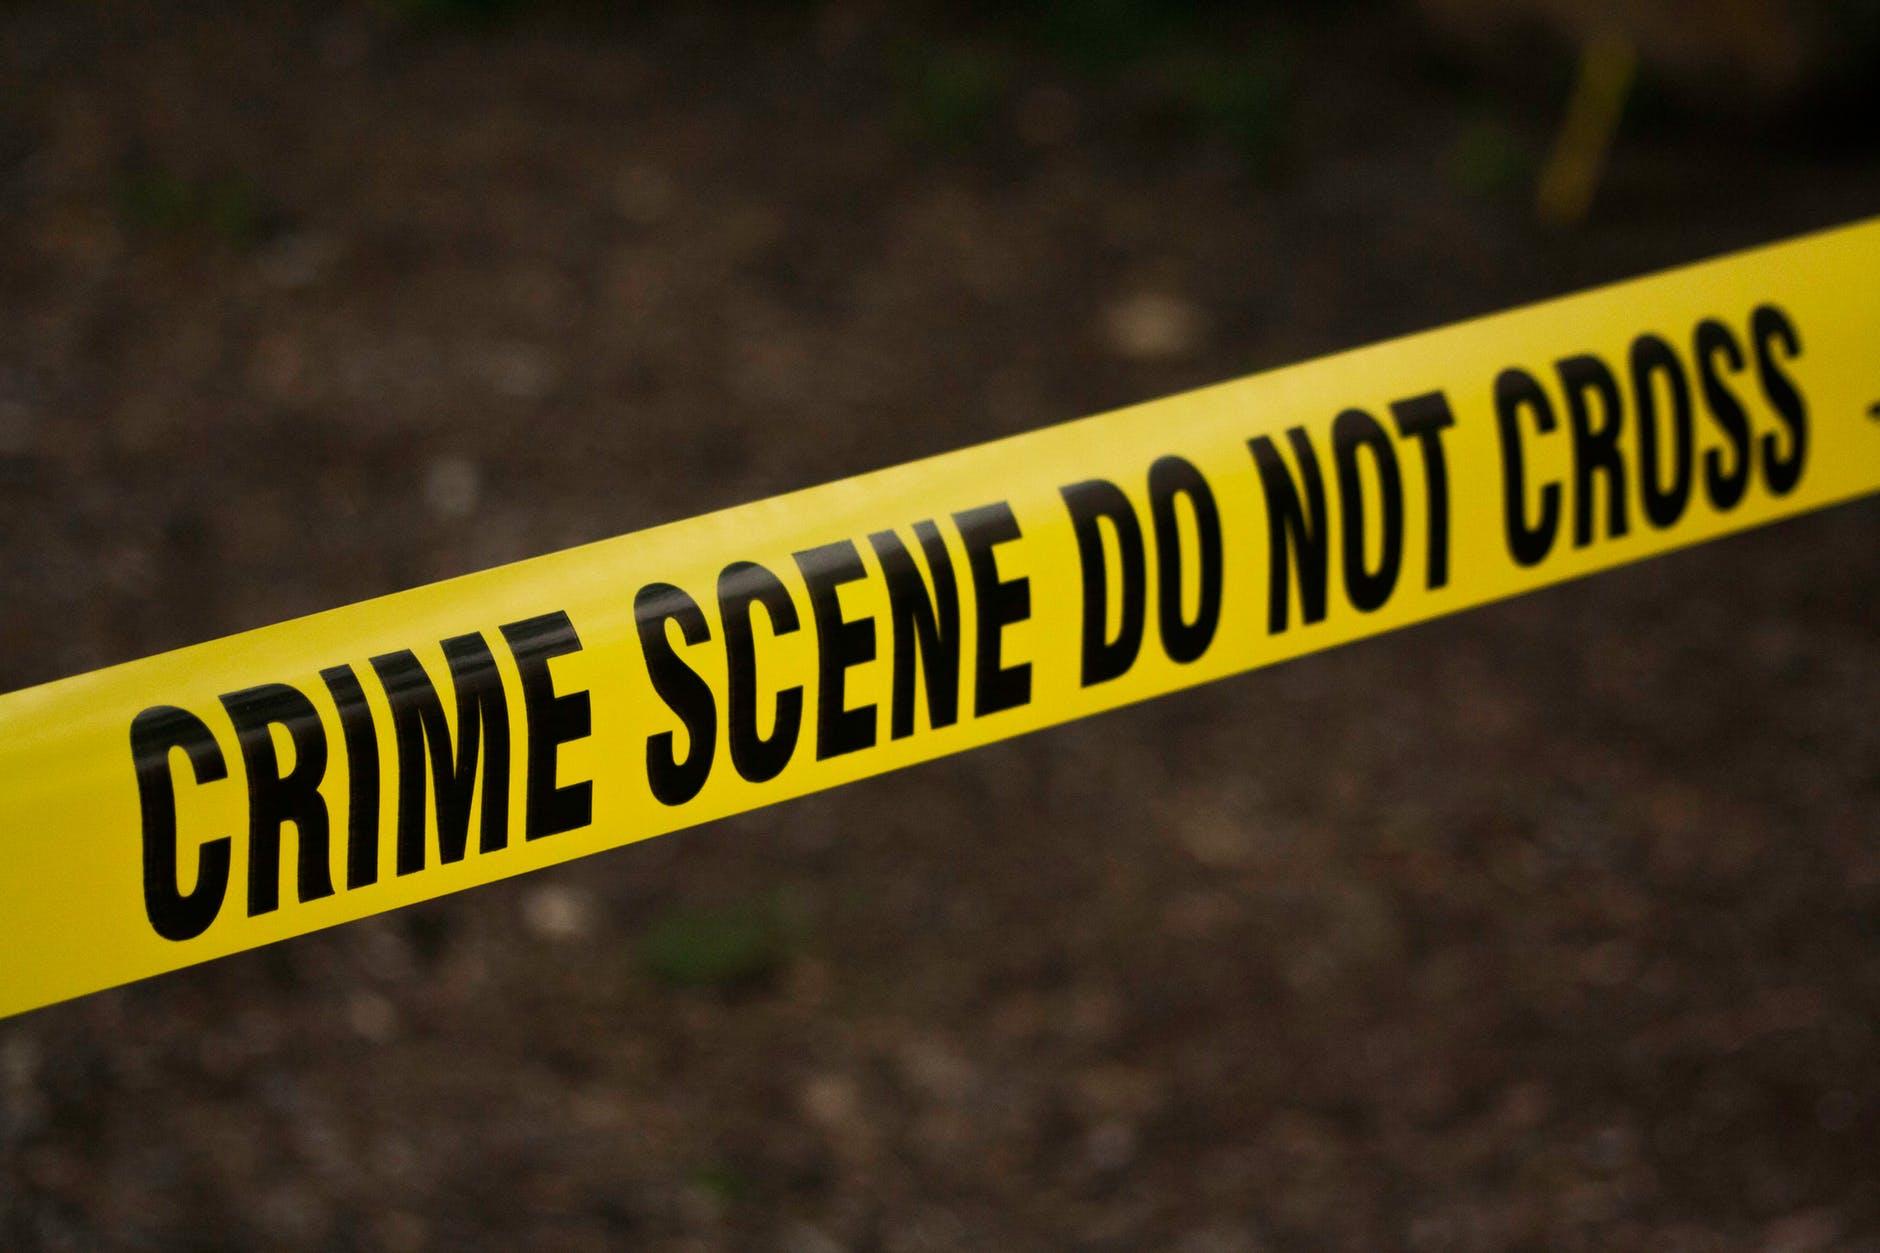 THREE KILLED, FIFTEEN INJURED IN GILROY SHOOTING